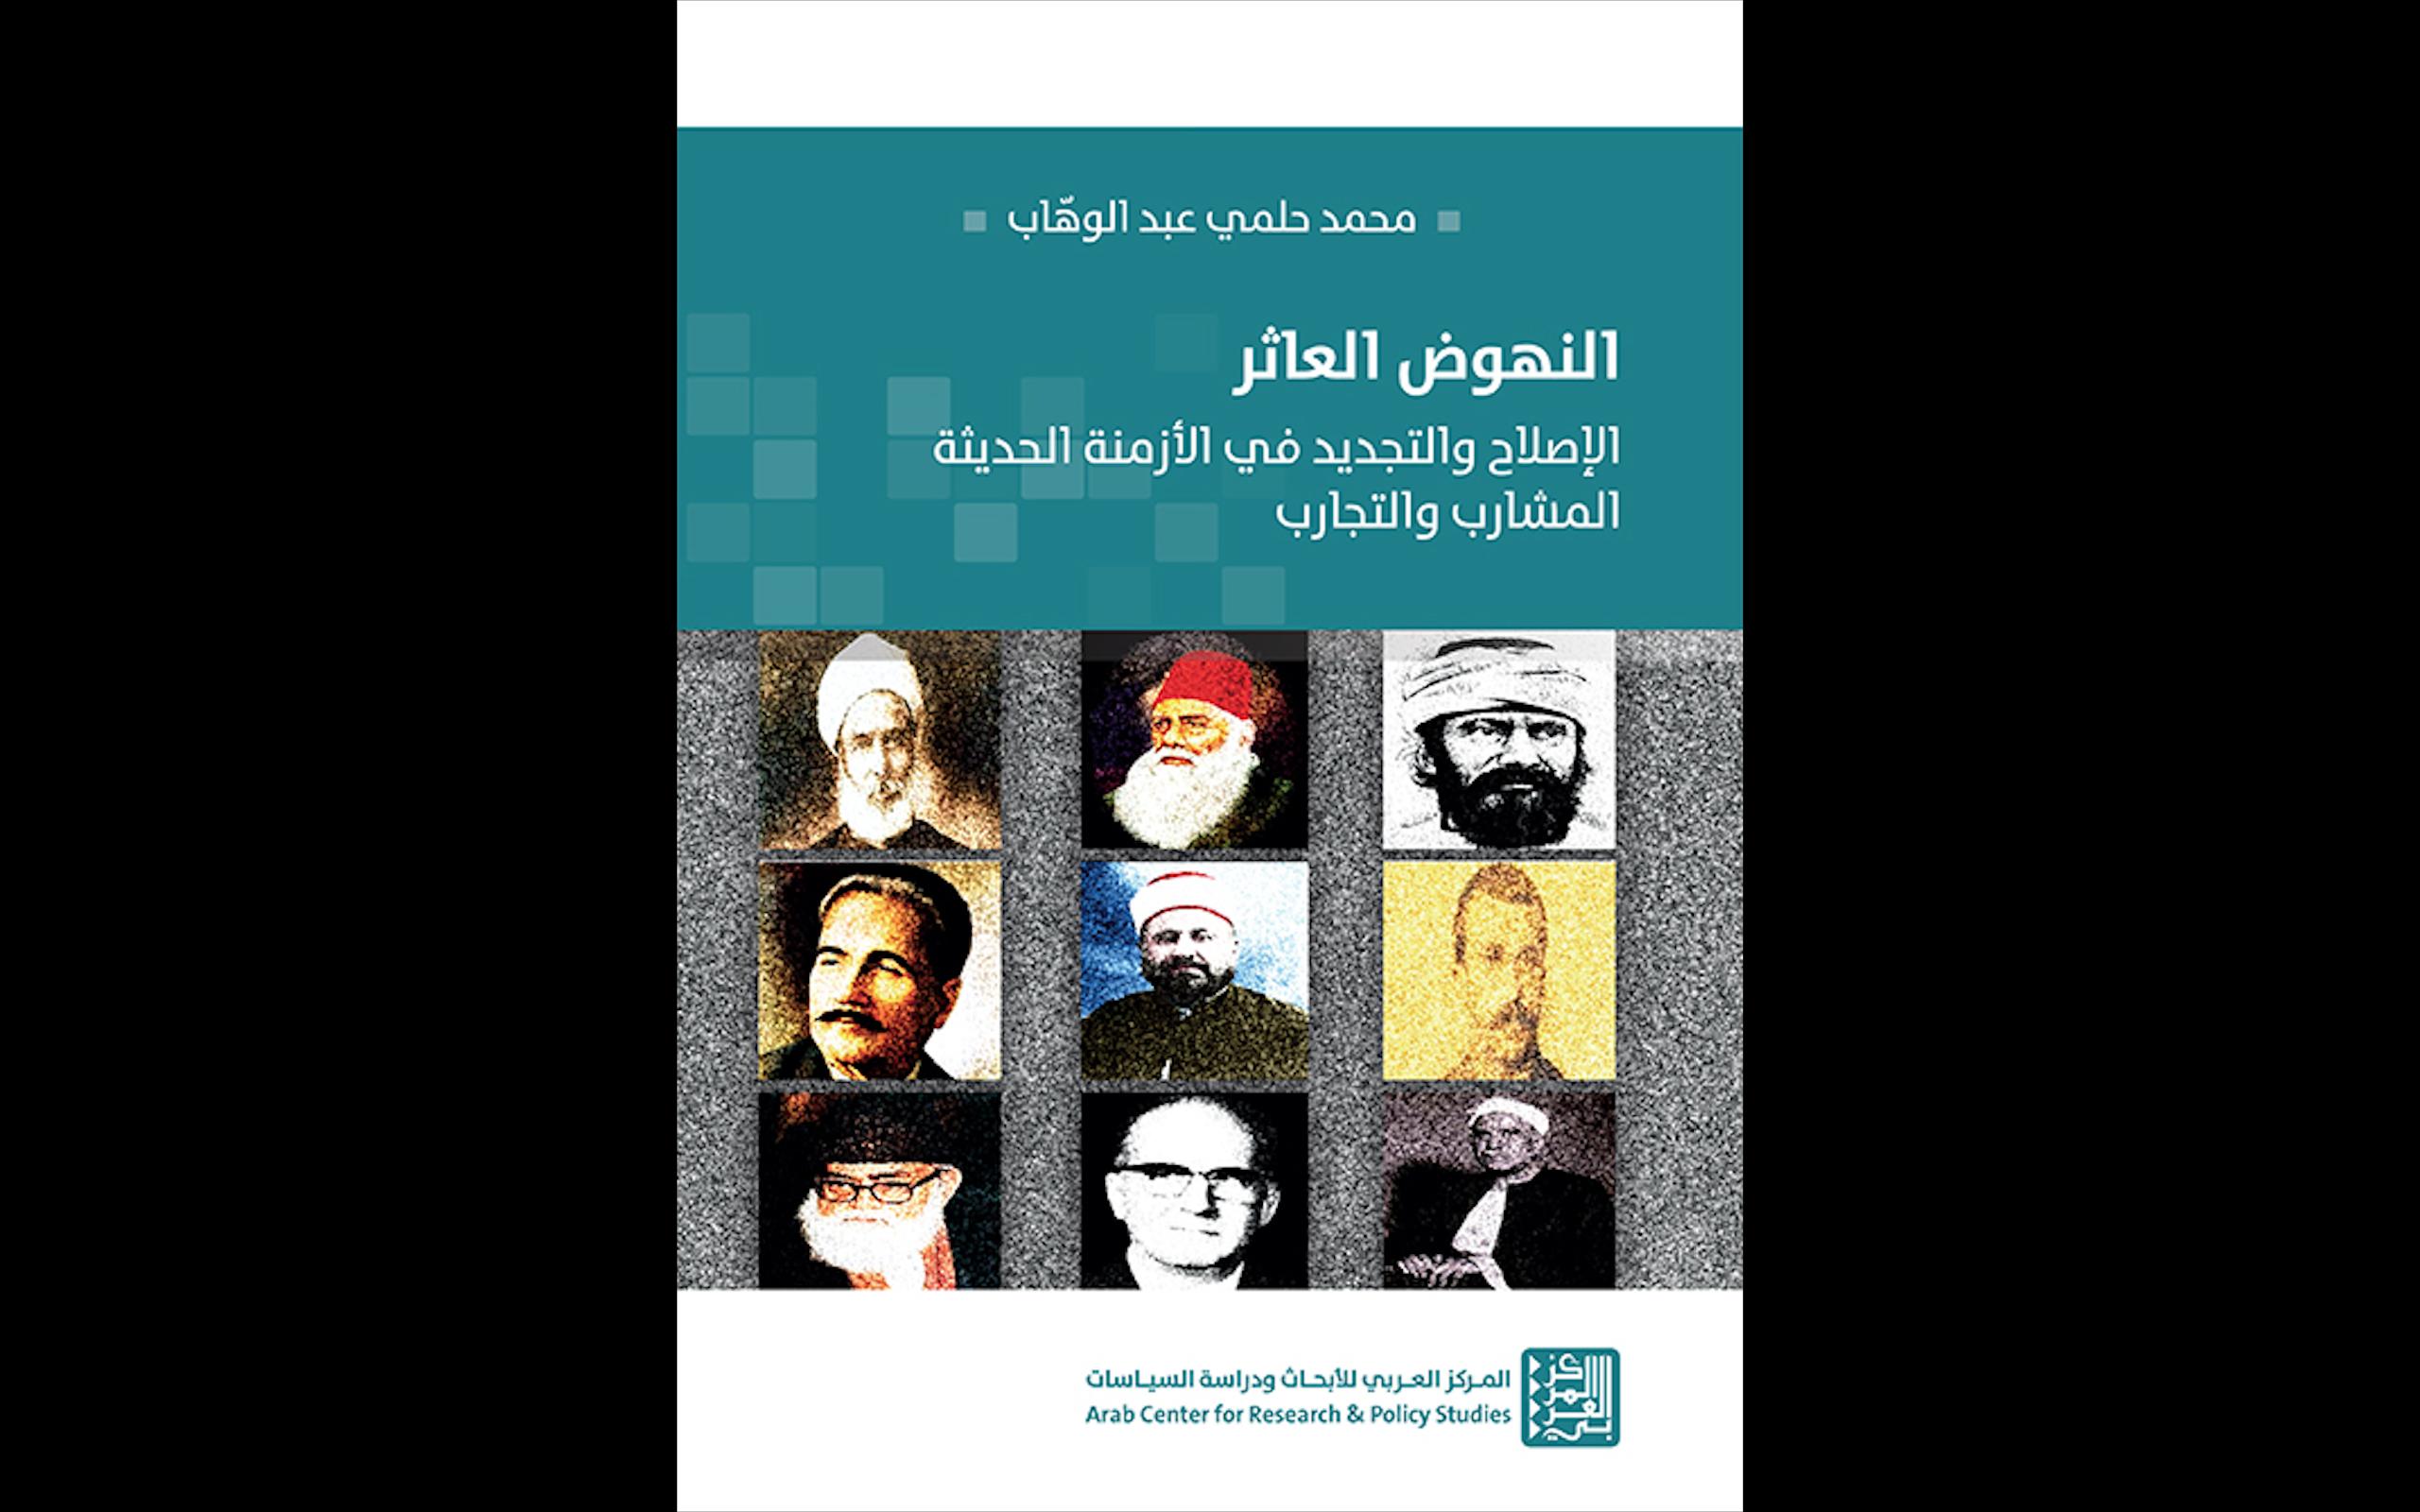 جديد: النهوض العاثر: الإصلاح والتجديد في الأزمنة الحديثة، المشارب والتجارب